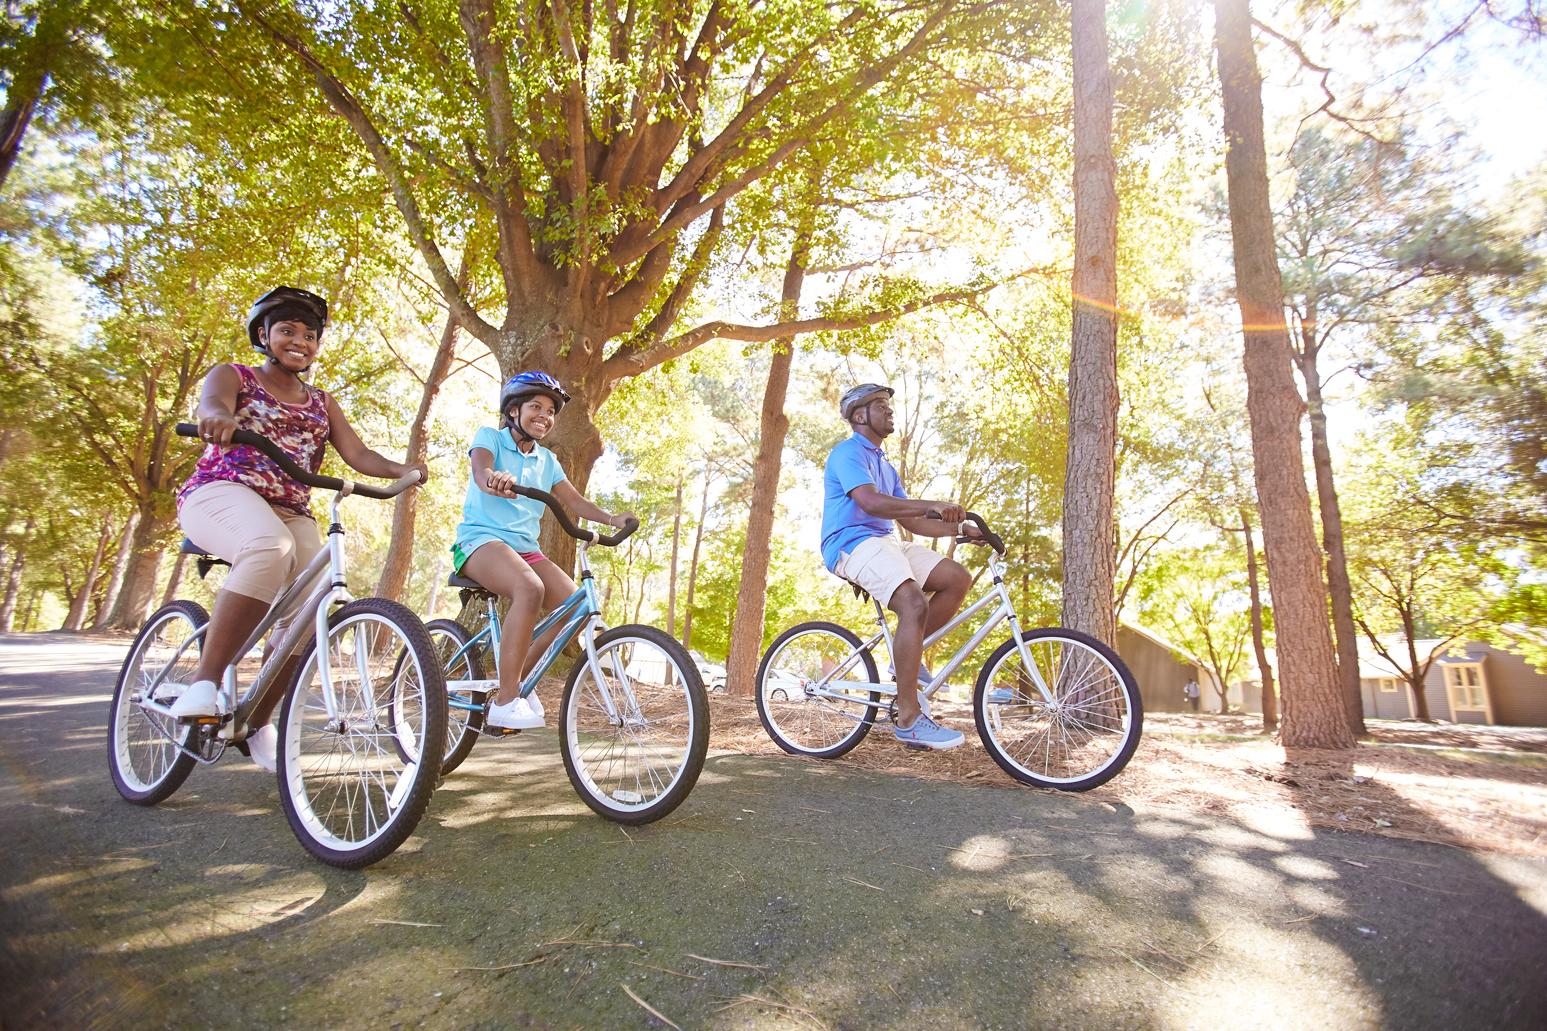 Bikes family recreation